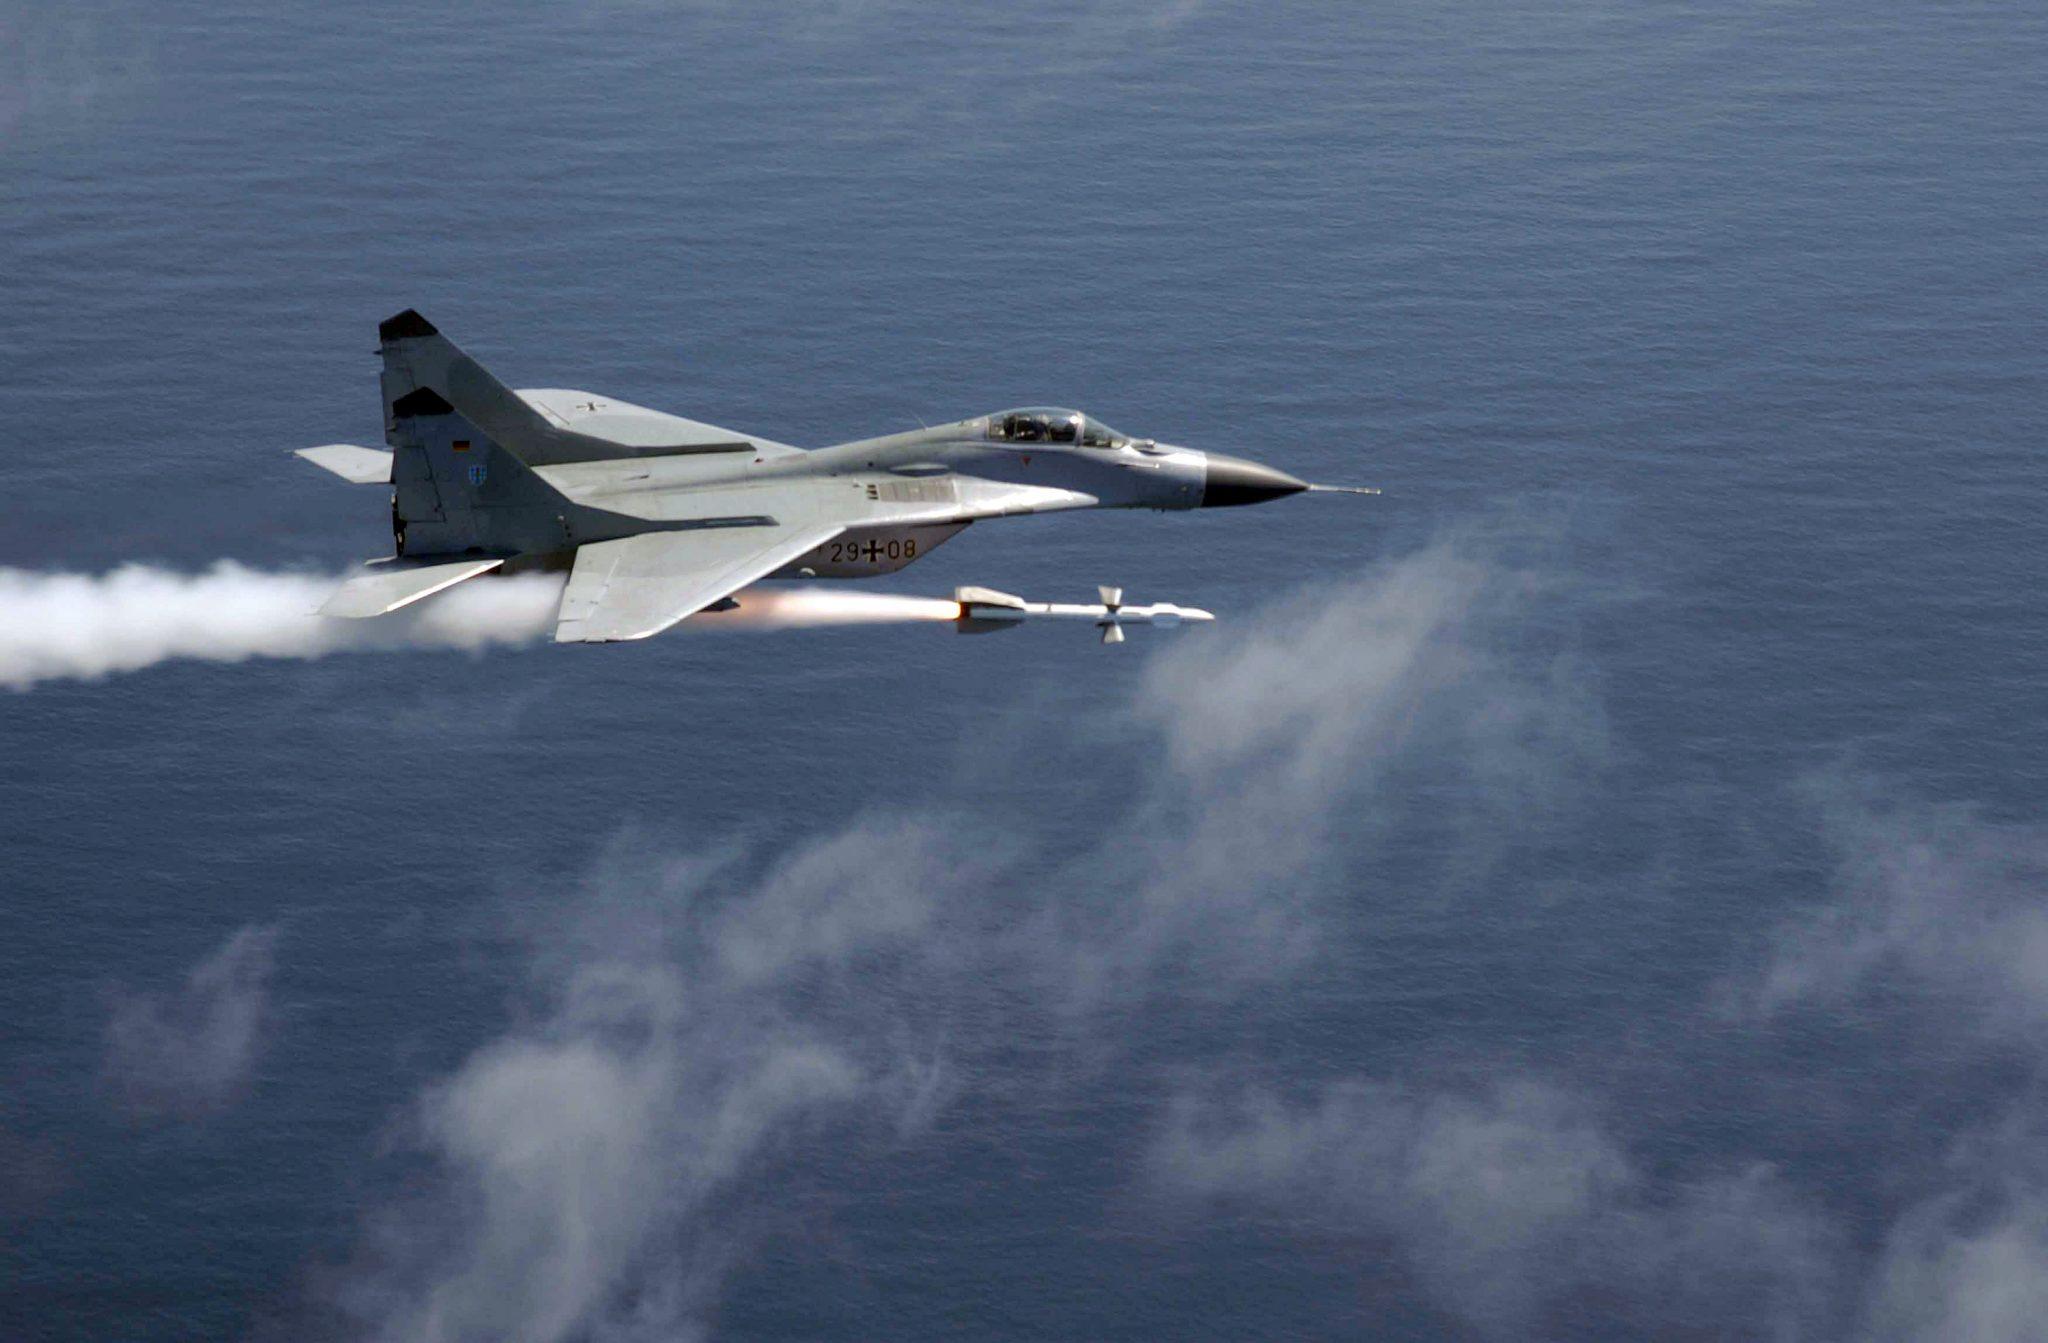 صورة ليبيا: طائرات ميغ 29 تهاجم البحرية التركية- بوادر حرب طاحنة